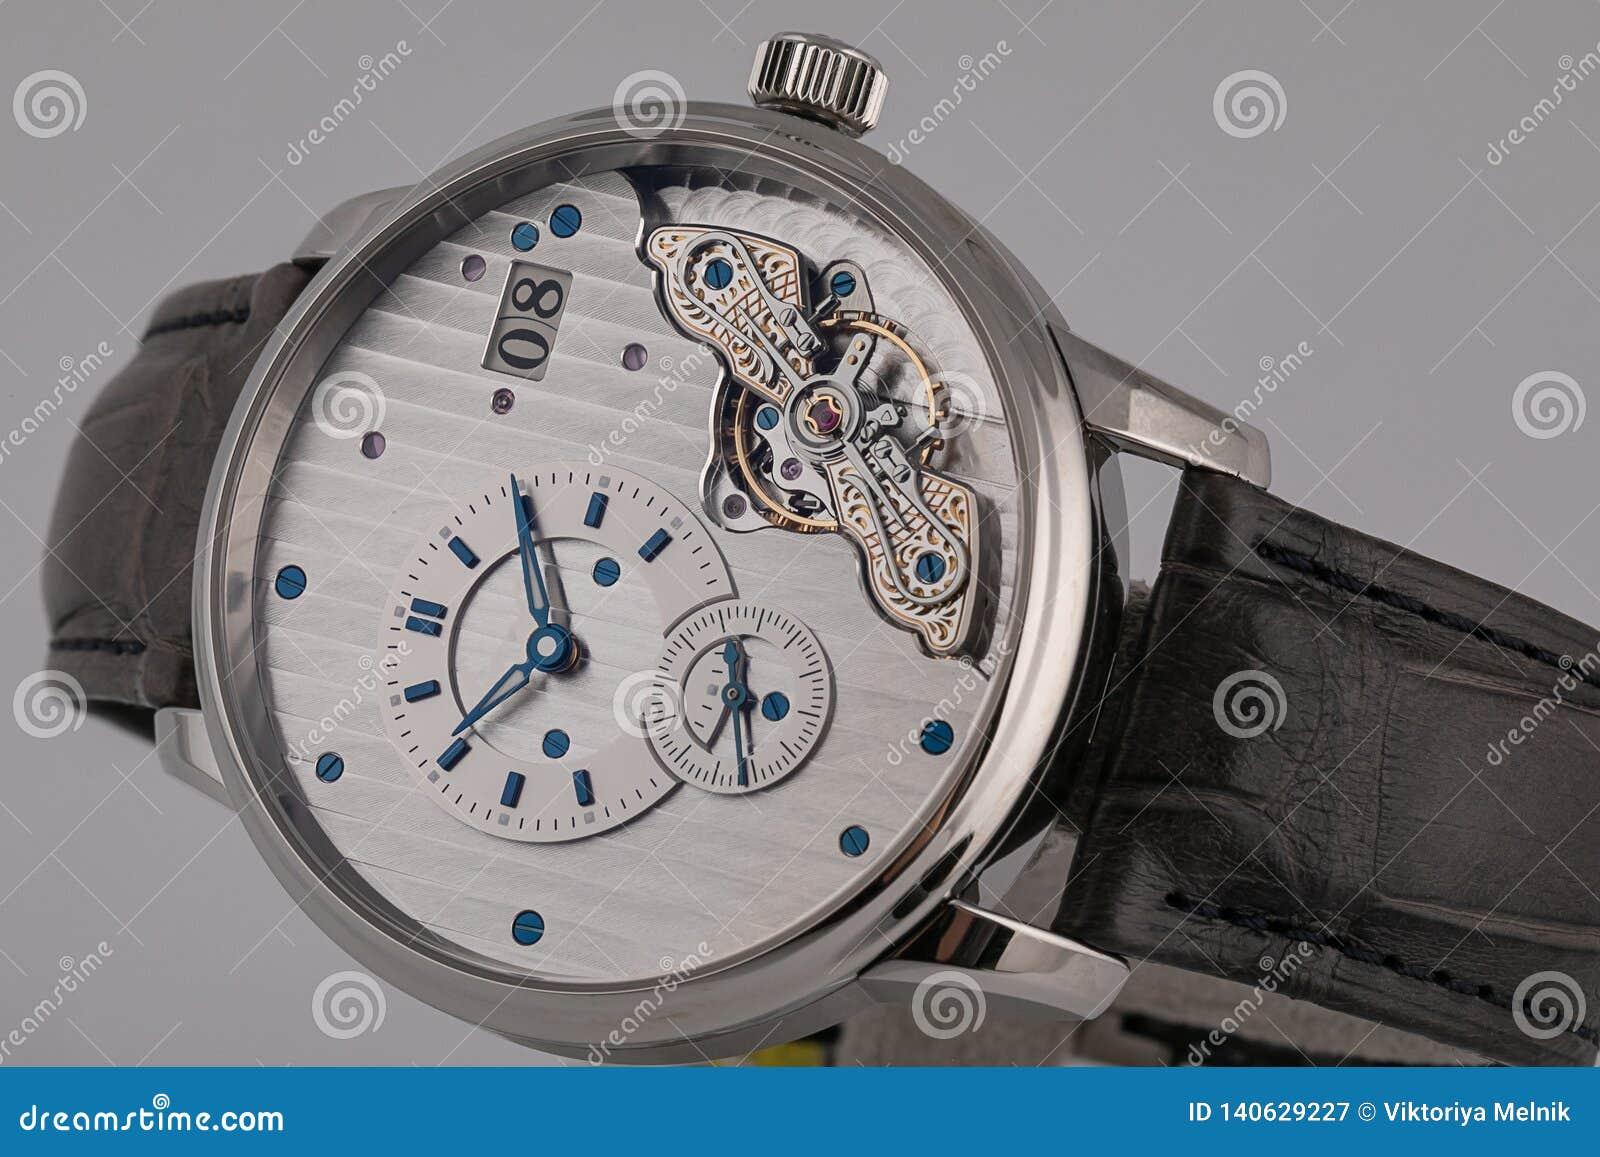 有黑皮带的,白色拨号盘,蓝色顺时针,罗马数字,测时器,在白色背景隔绝的秒表人的手表